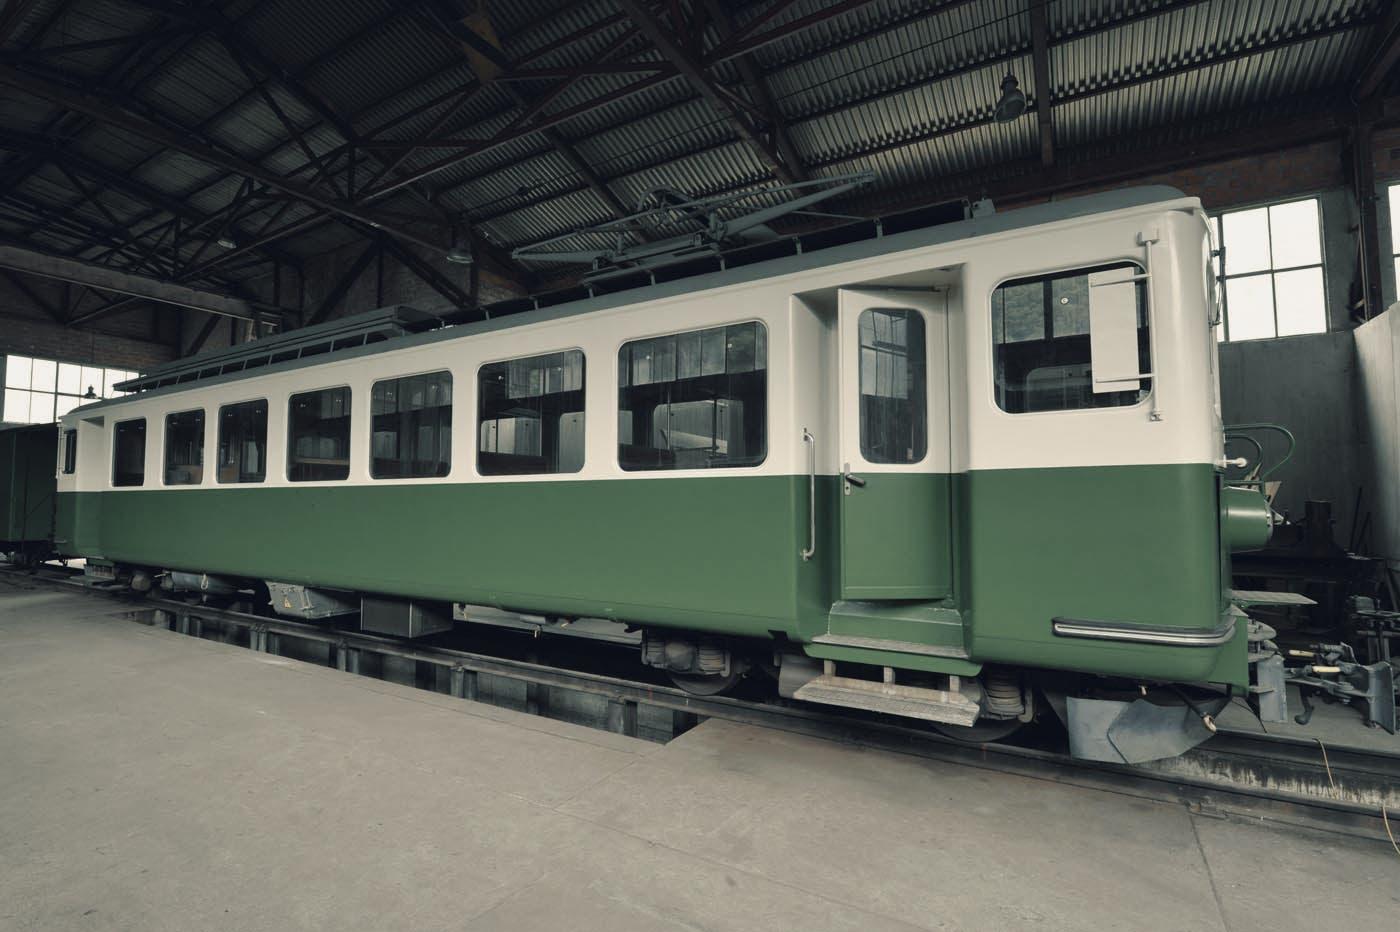 Seit 2012 steht der Wagen gut geschützt vor der Witterung in einer Halle in Grono GR.